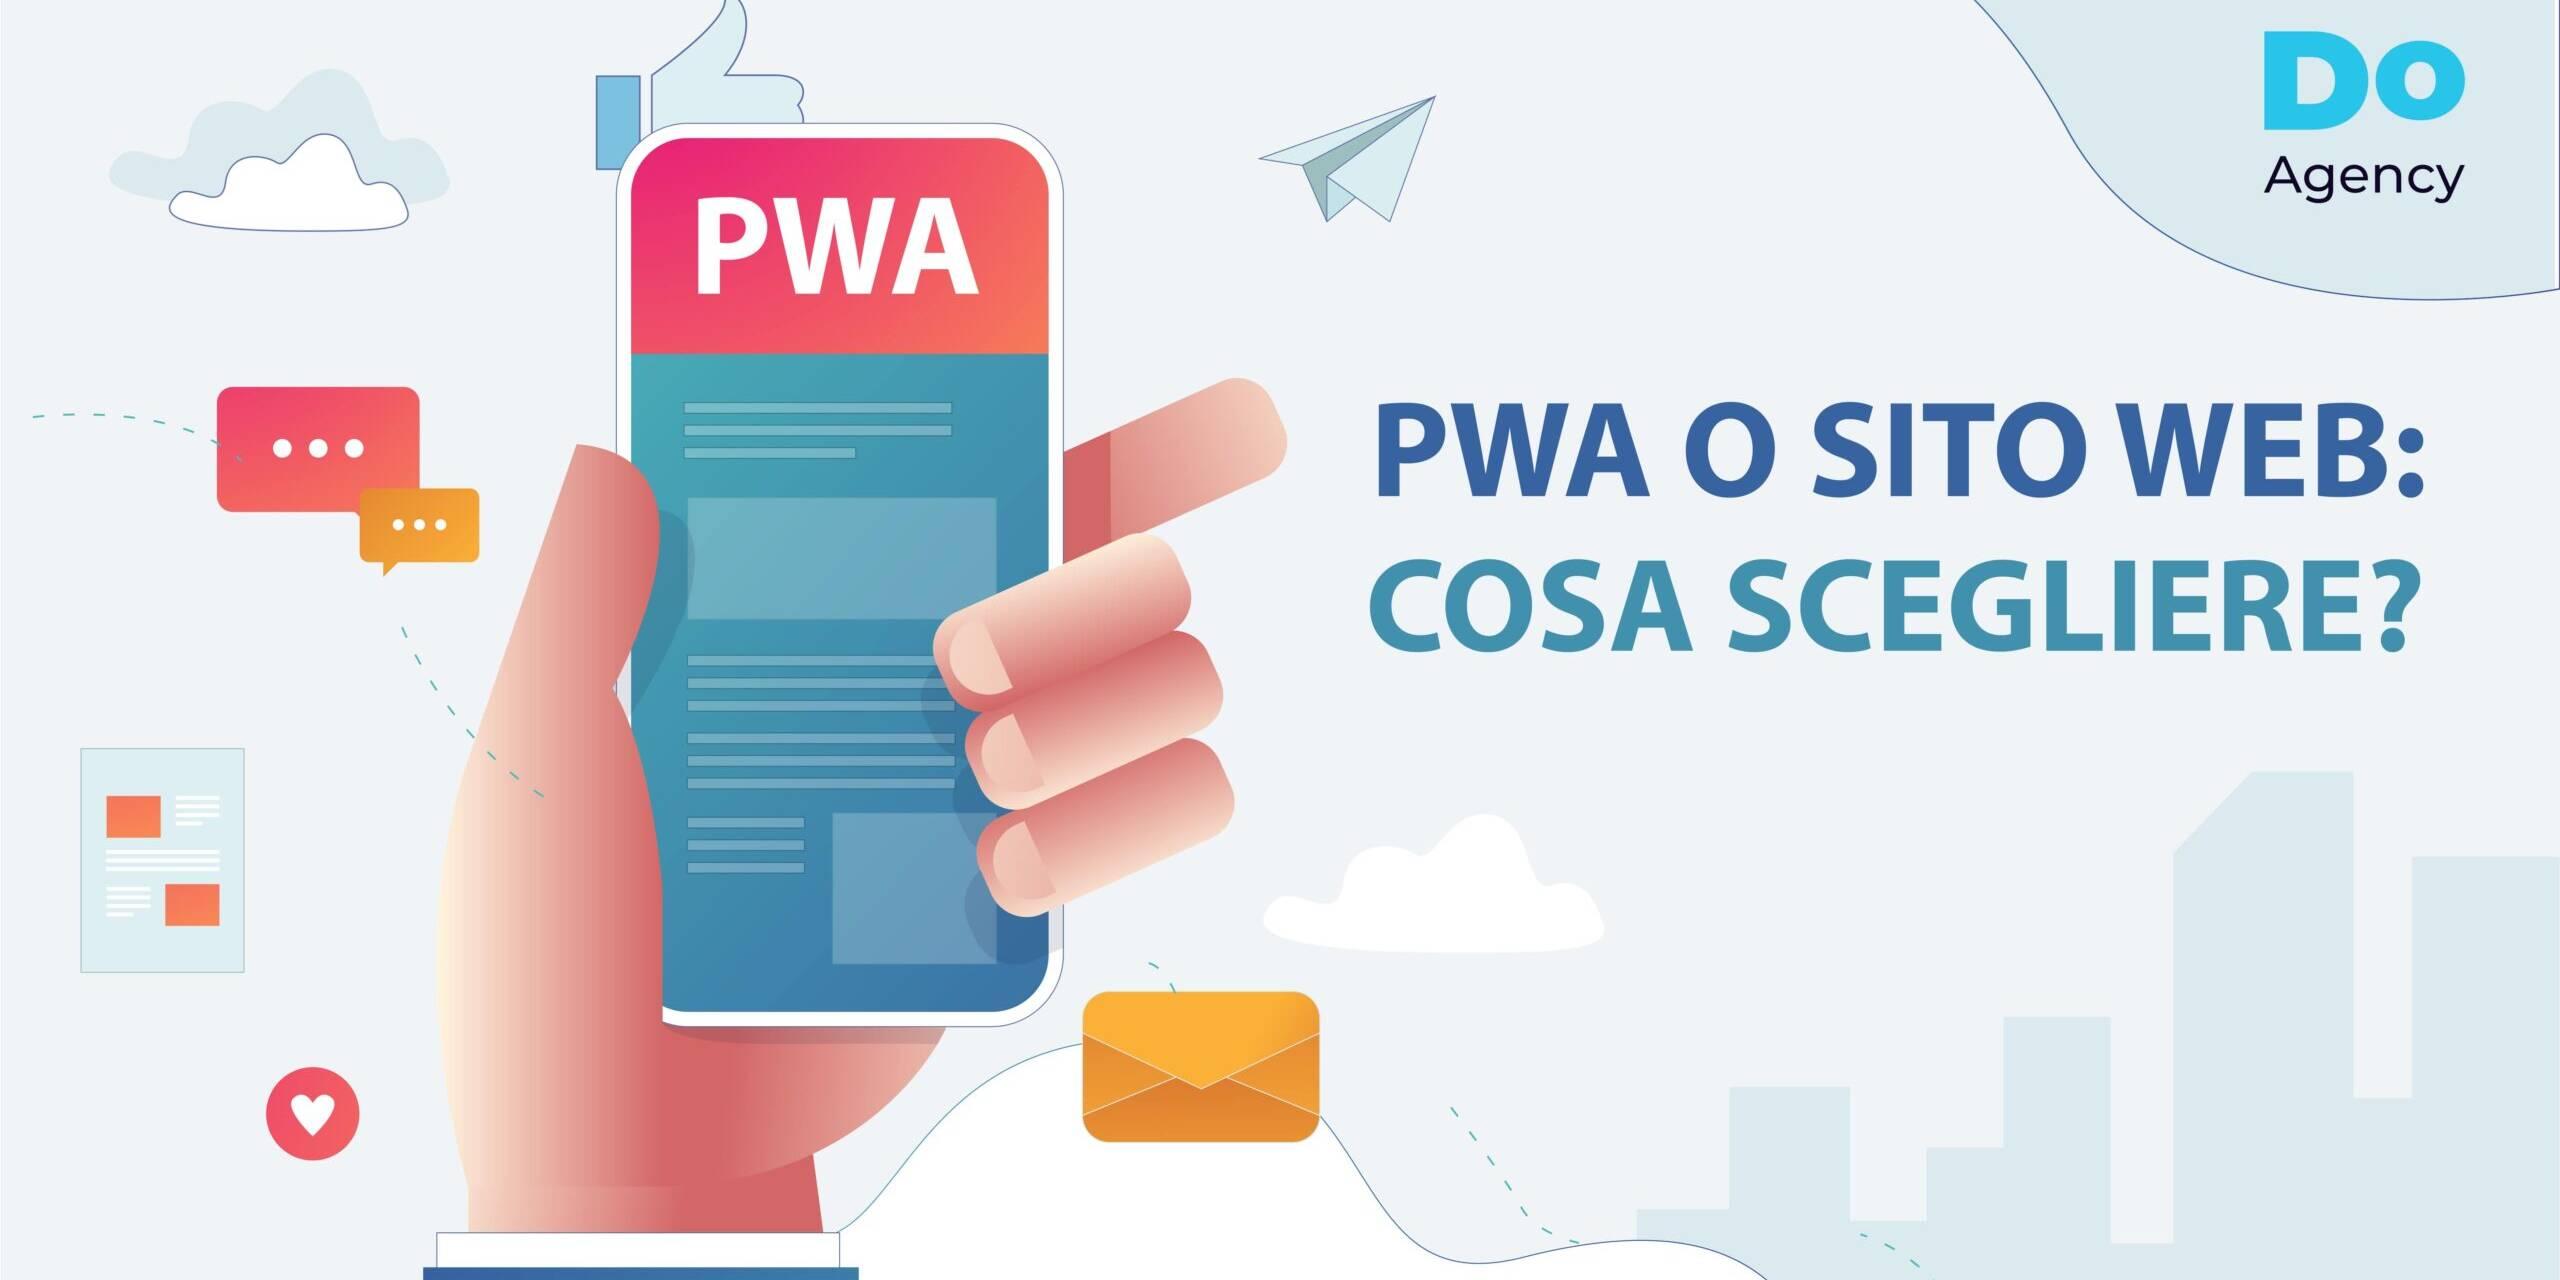 PWA o sito web cosa scegliere